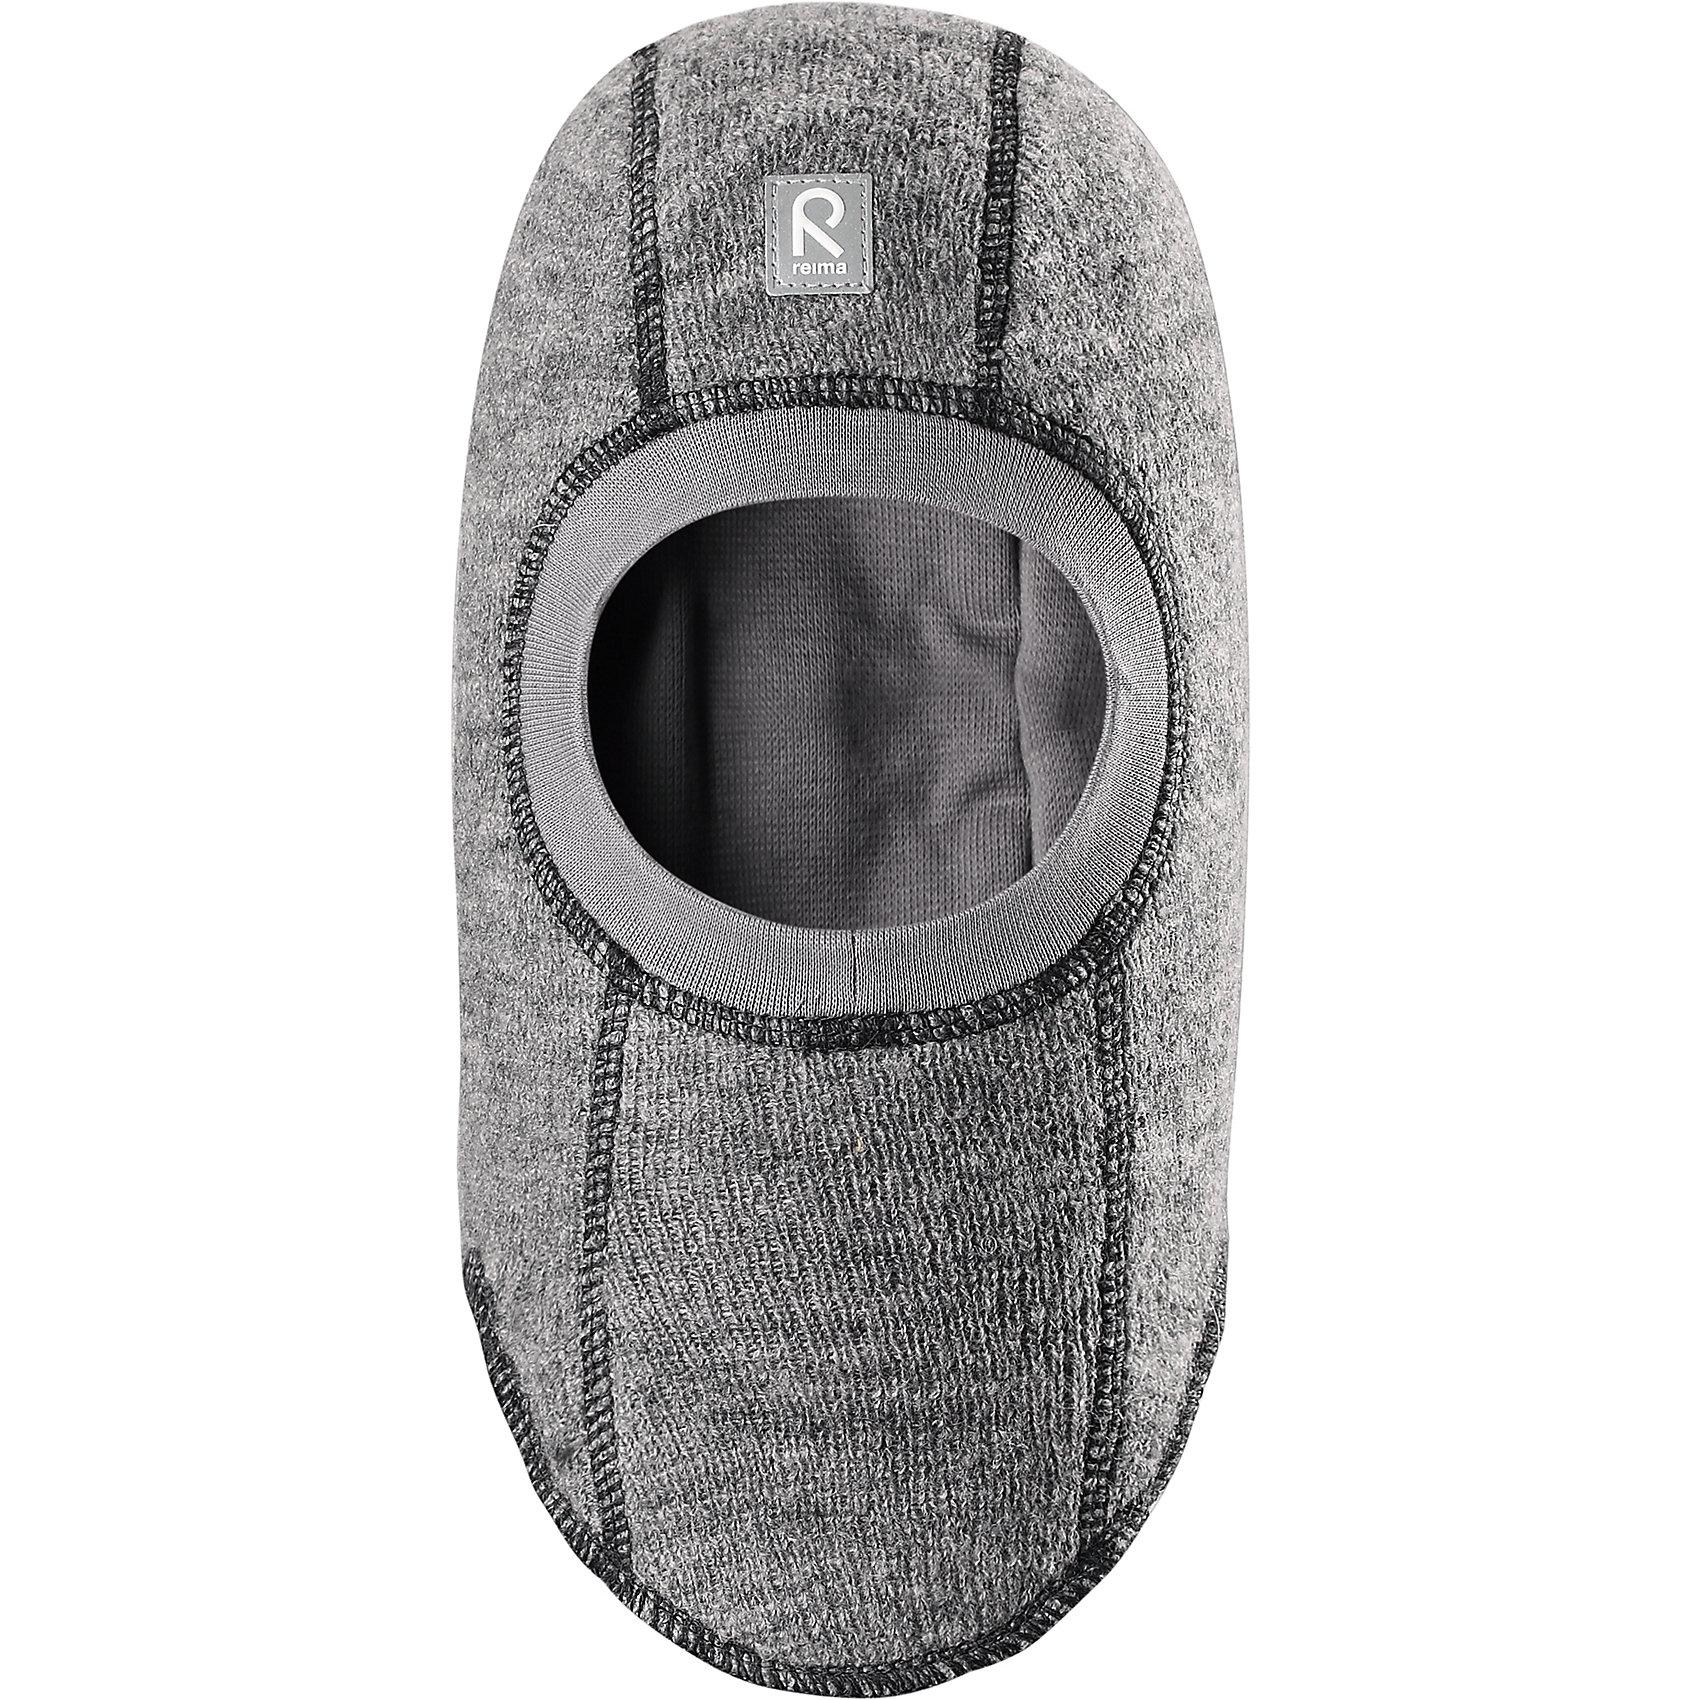 Шапка-шлем Repolainen ReimaШапки и шарфы<br>Шапка  Reima<br>Шапка-шлем для малышей. Шерсть идеально поддерживает температуру. Теплая шерстяная вязка (волокно). Товар сертифицирован Oeko-Tex, класс 1, одежда для малышей. Ветронепроницаемые вставки в области ушей. Мягкая подкладка из хлопка и эластана. Интересная структура поверхности. Светоотражающий элемент спереди.<br>Уход:<br>Стирать по отдельности, вывернув наизнанку. Придать первоначальную форму вo влажном виде. Возможна усадка 5 %.<br>Состав:<br>100% Шерсть<br><br>Ширина мм: 89<br>Глубина мм: 117<br>Высота мм: 44<br>Вес г: 155<br>Цвет: серый<br>Возраст от месяцев: 18<br>Возраст до месяцев: 36<br>Пол: Мужской<br>Возраст: Детский<br>Размер: 50,52,48,46<br>SKU: 4777122